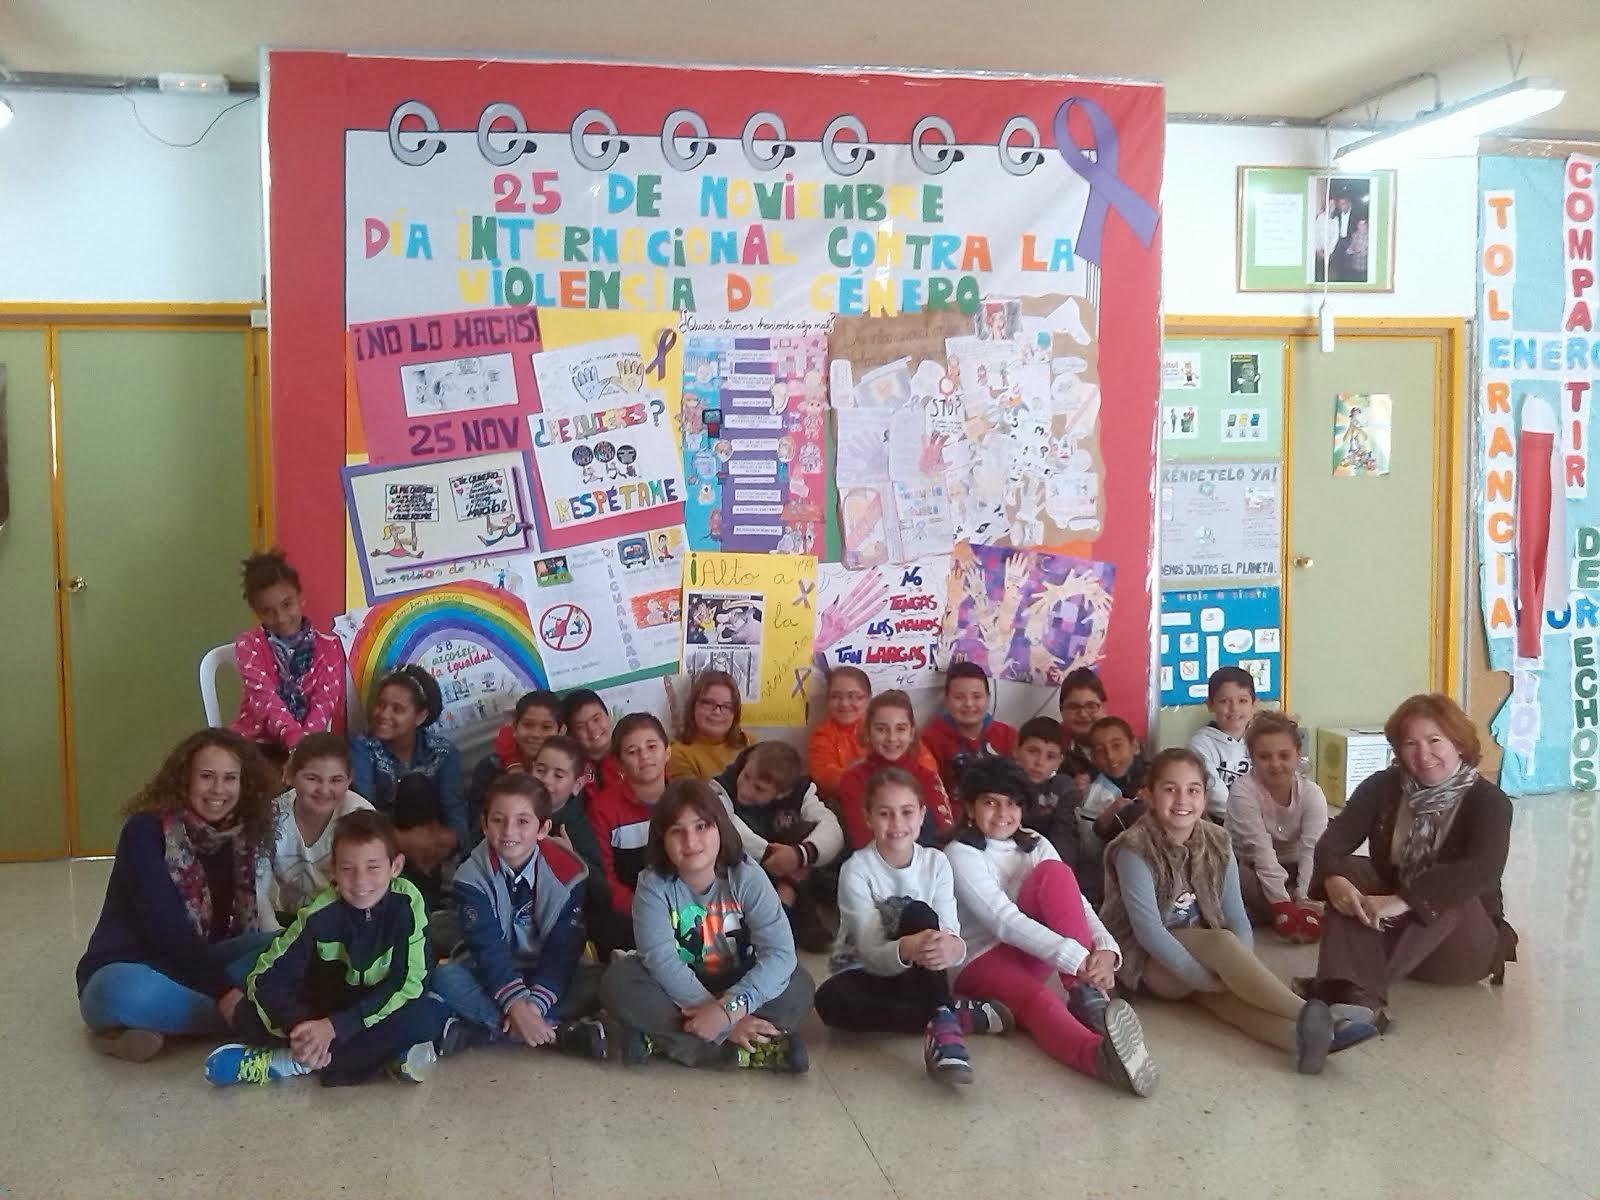 El diario de la clase 25 de noviembre d a contra la for El periodico mural wikipedia